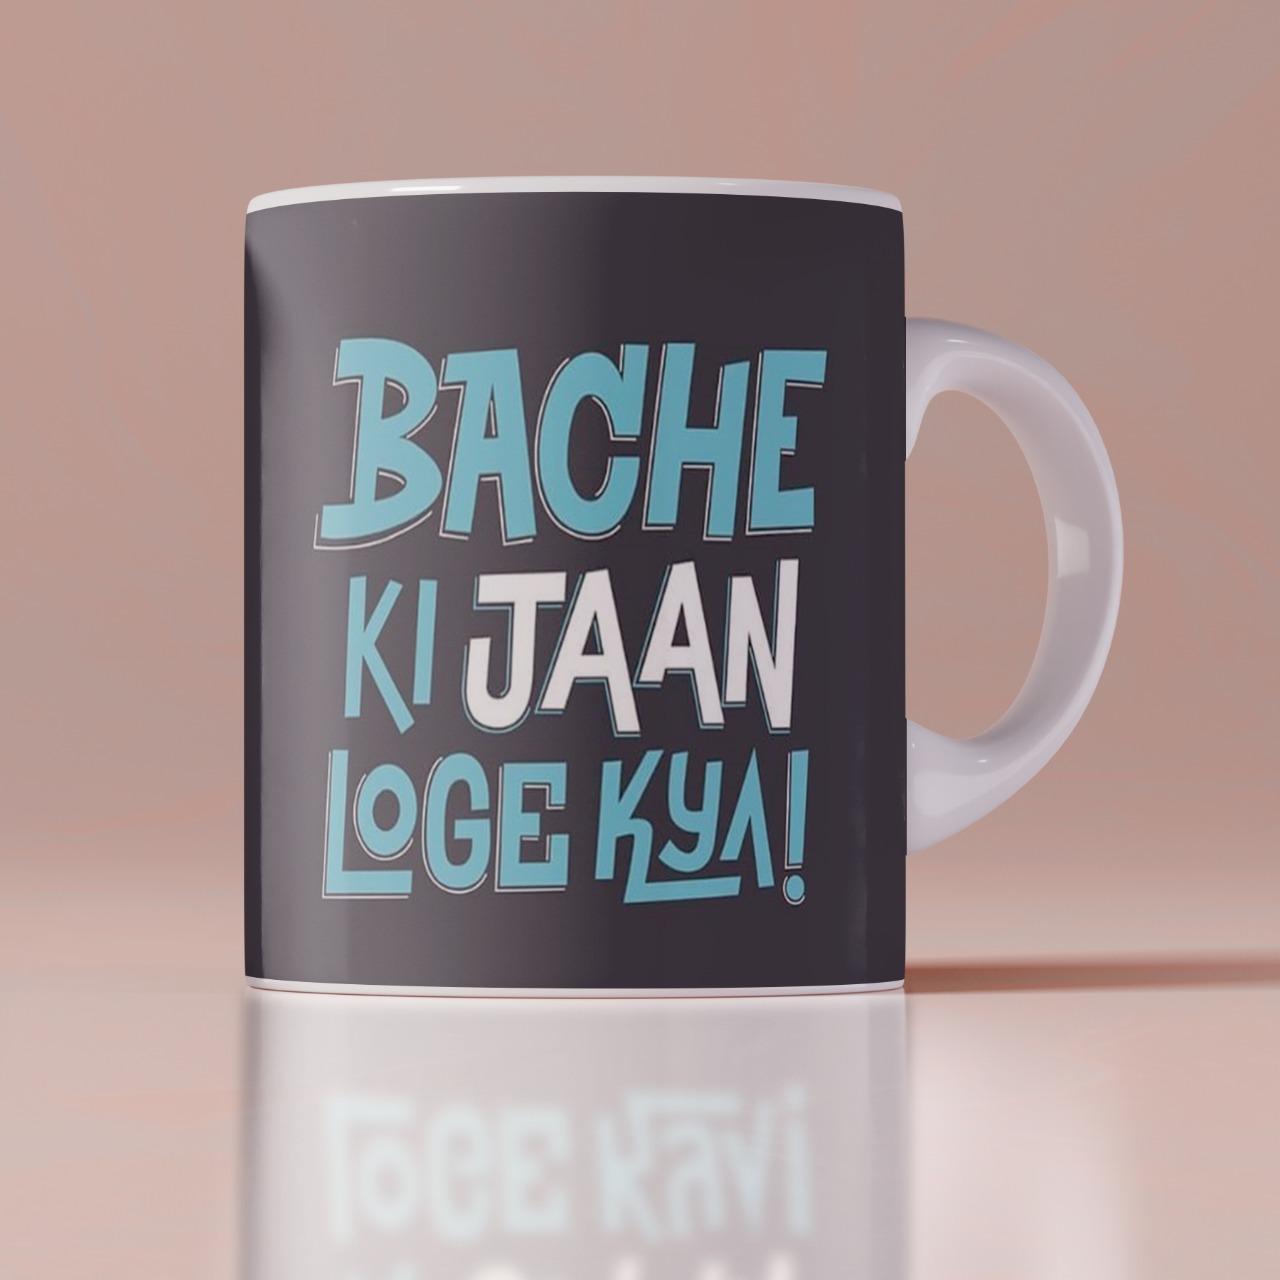 Bache Ki Jaan Loge Kyai Customize Mug